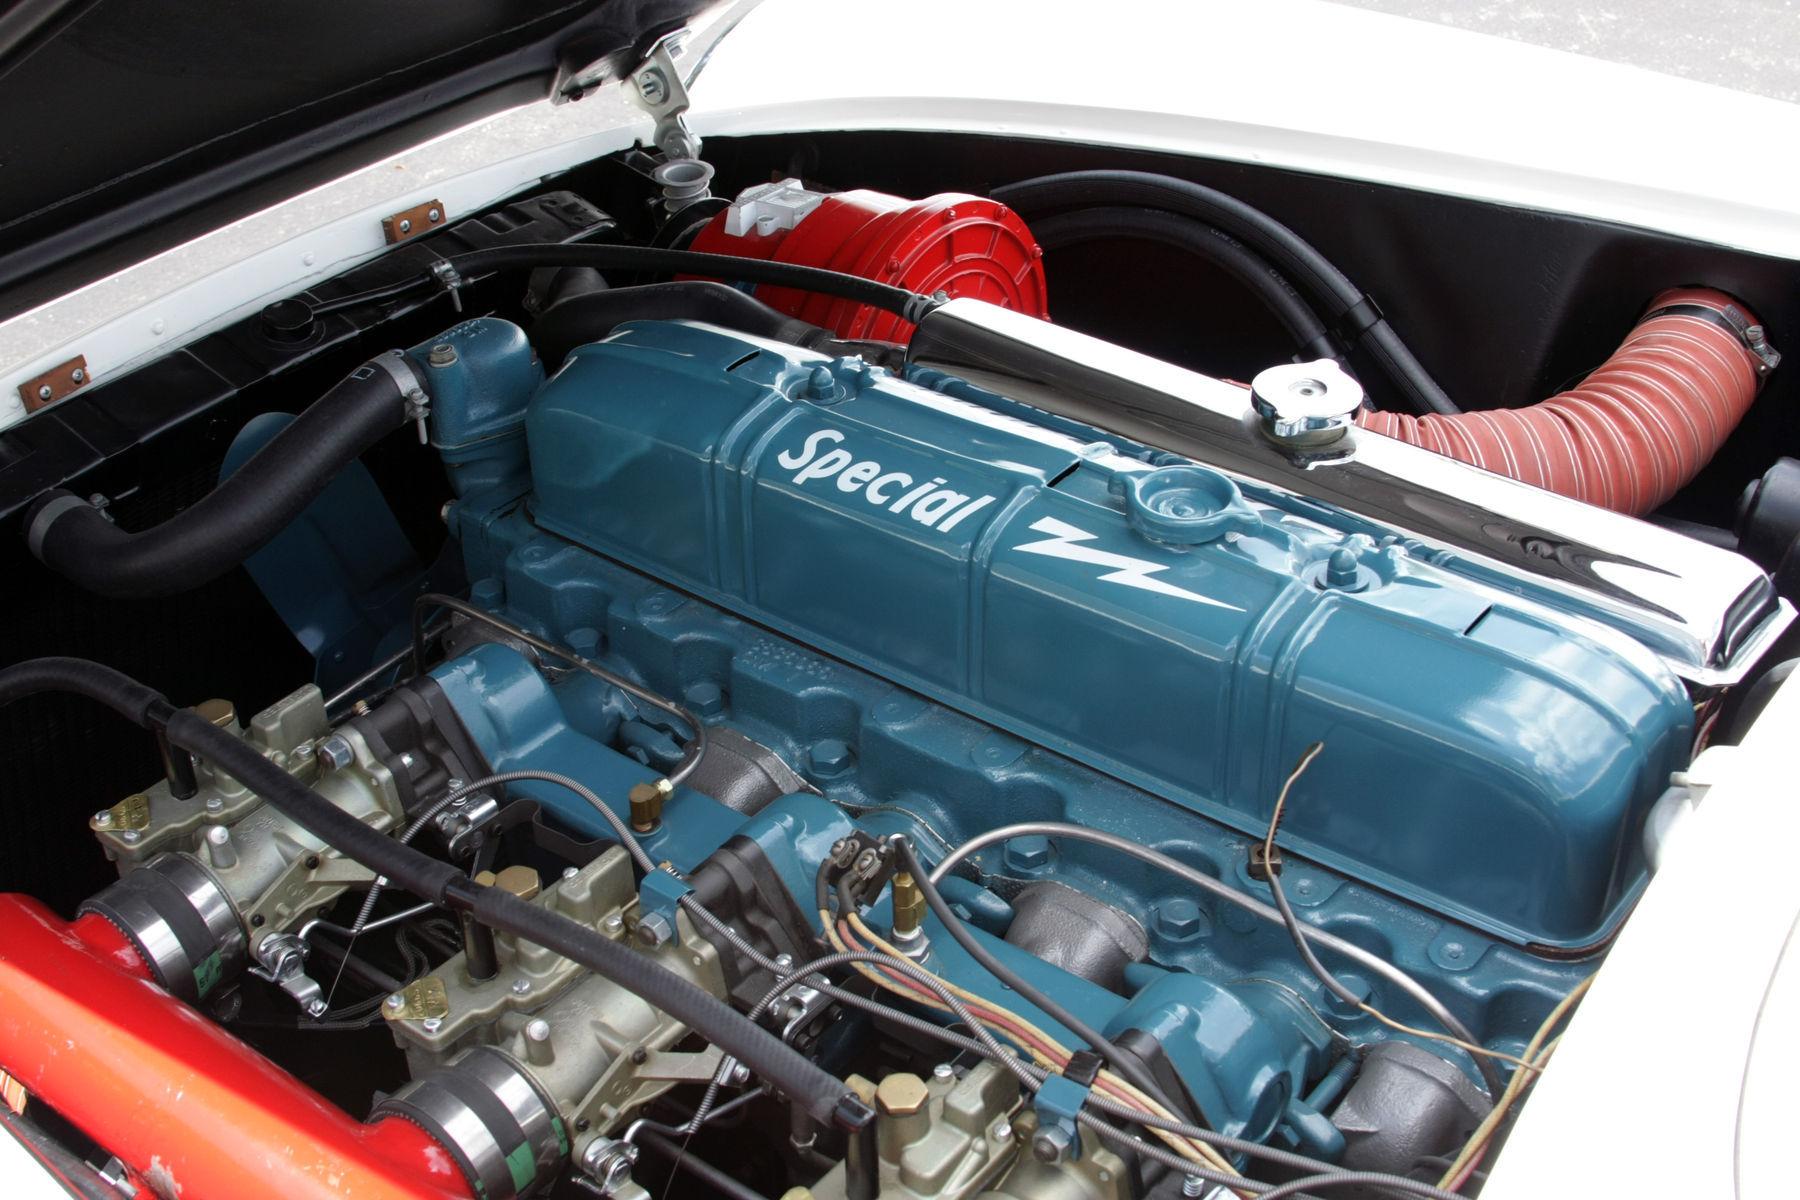 1953 Chevrolet Corvette | 1953 Supercharged Chevrolet Corvette